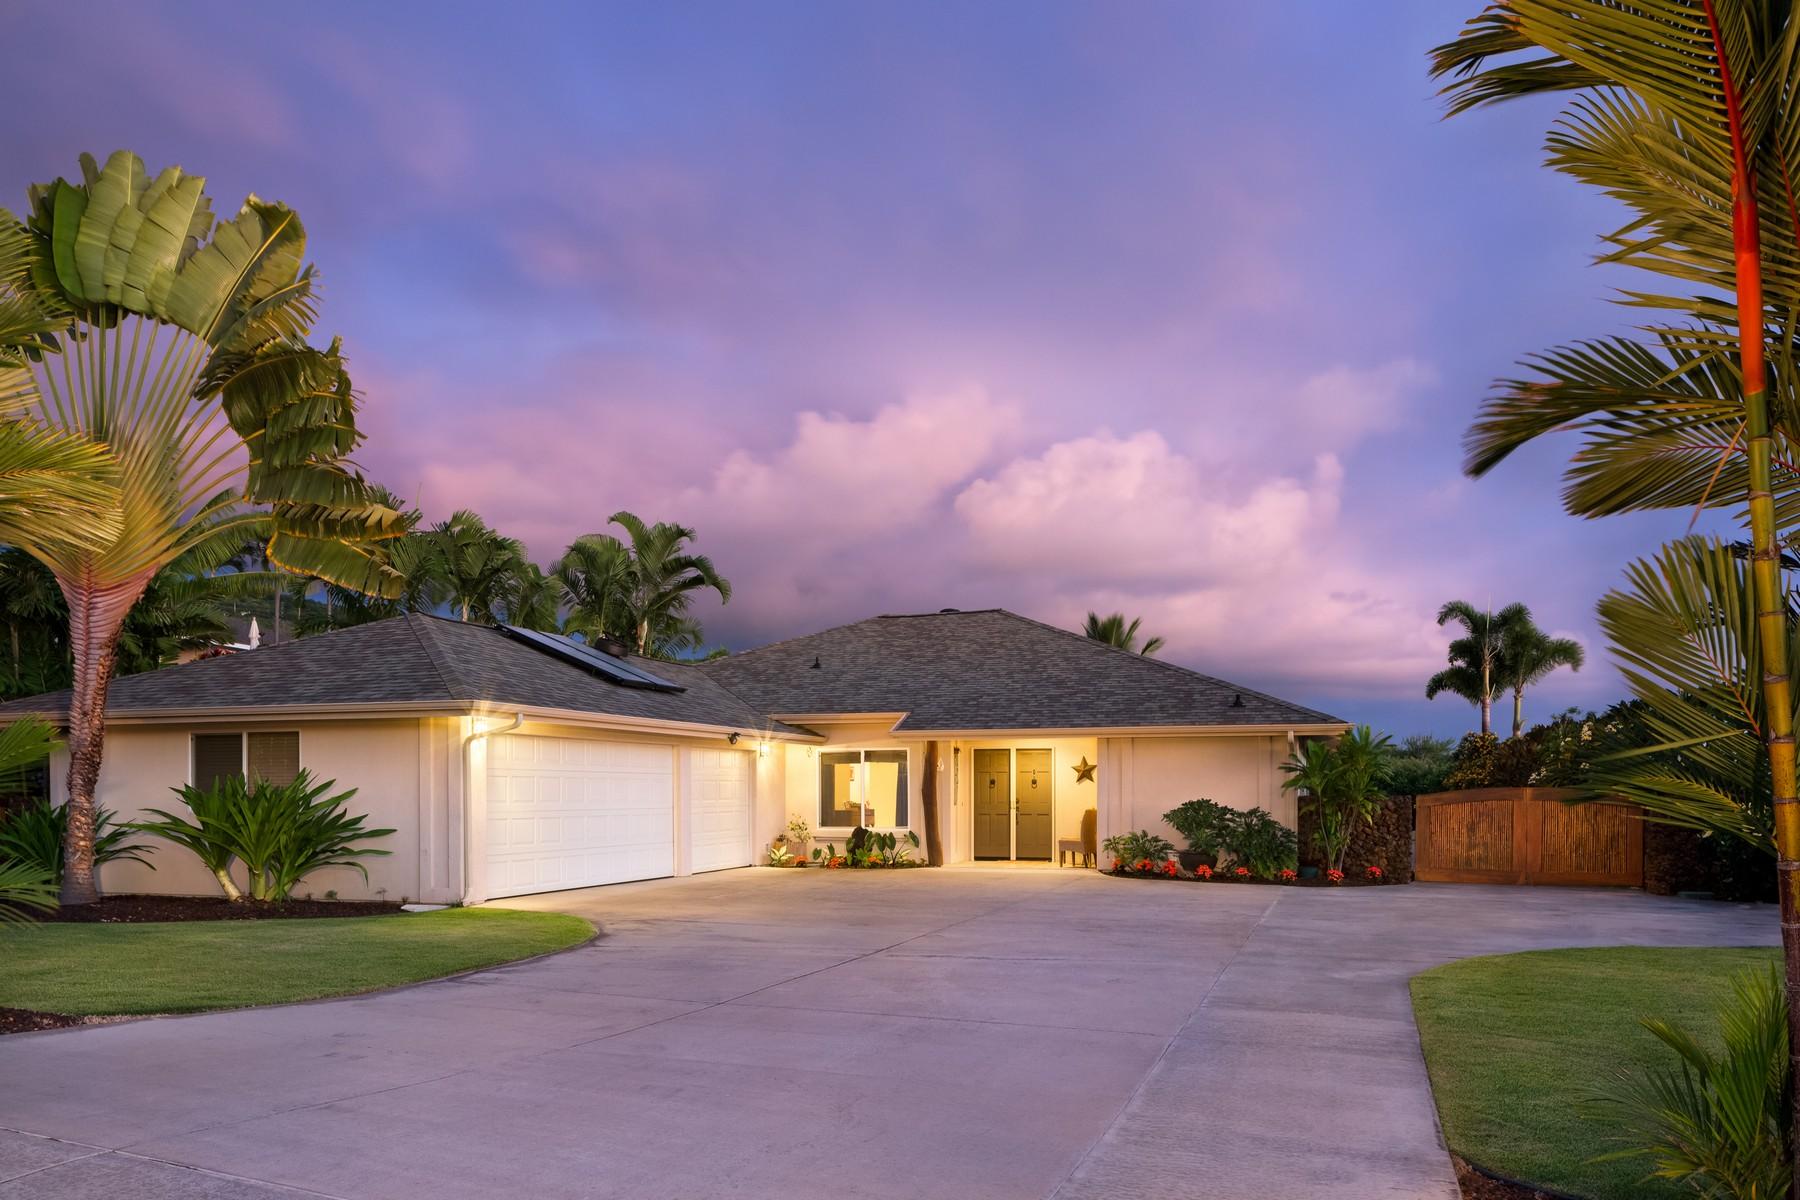 独户住宅 为 销售 在 Alii Heights 77-206 Hookaana St Kailua-Kona, 夏威夷 96740 美国